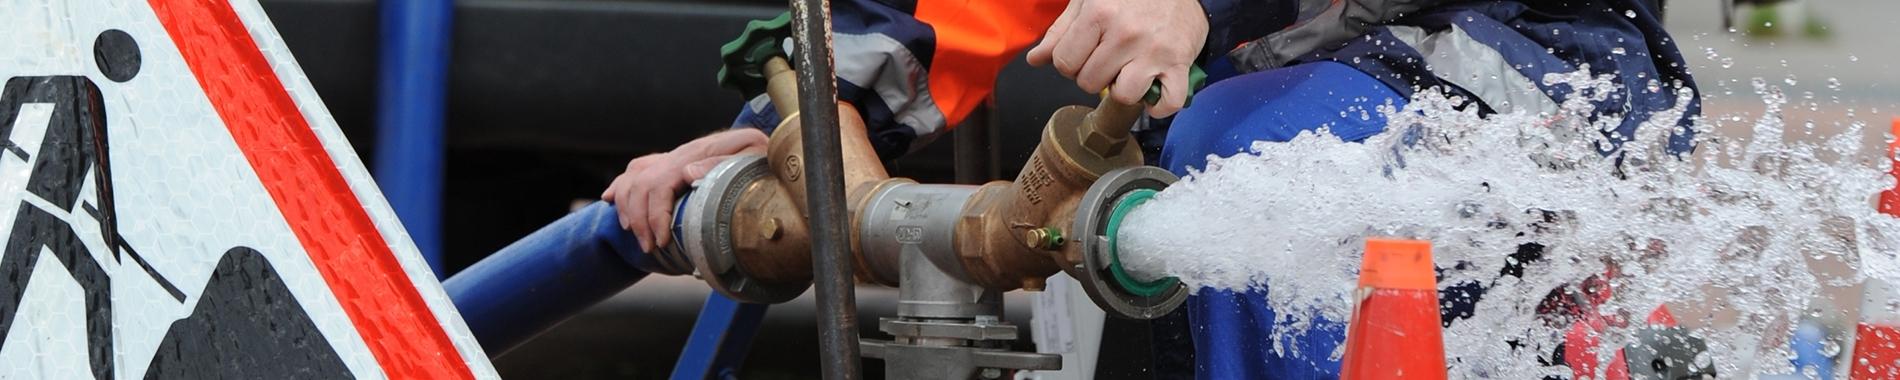 Hydrant mit Wasserstrahl, RWW